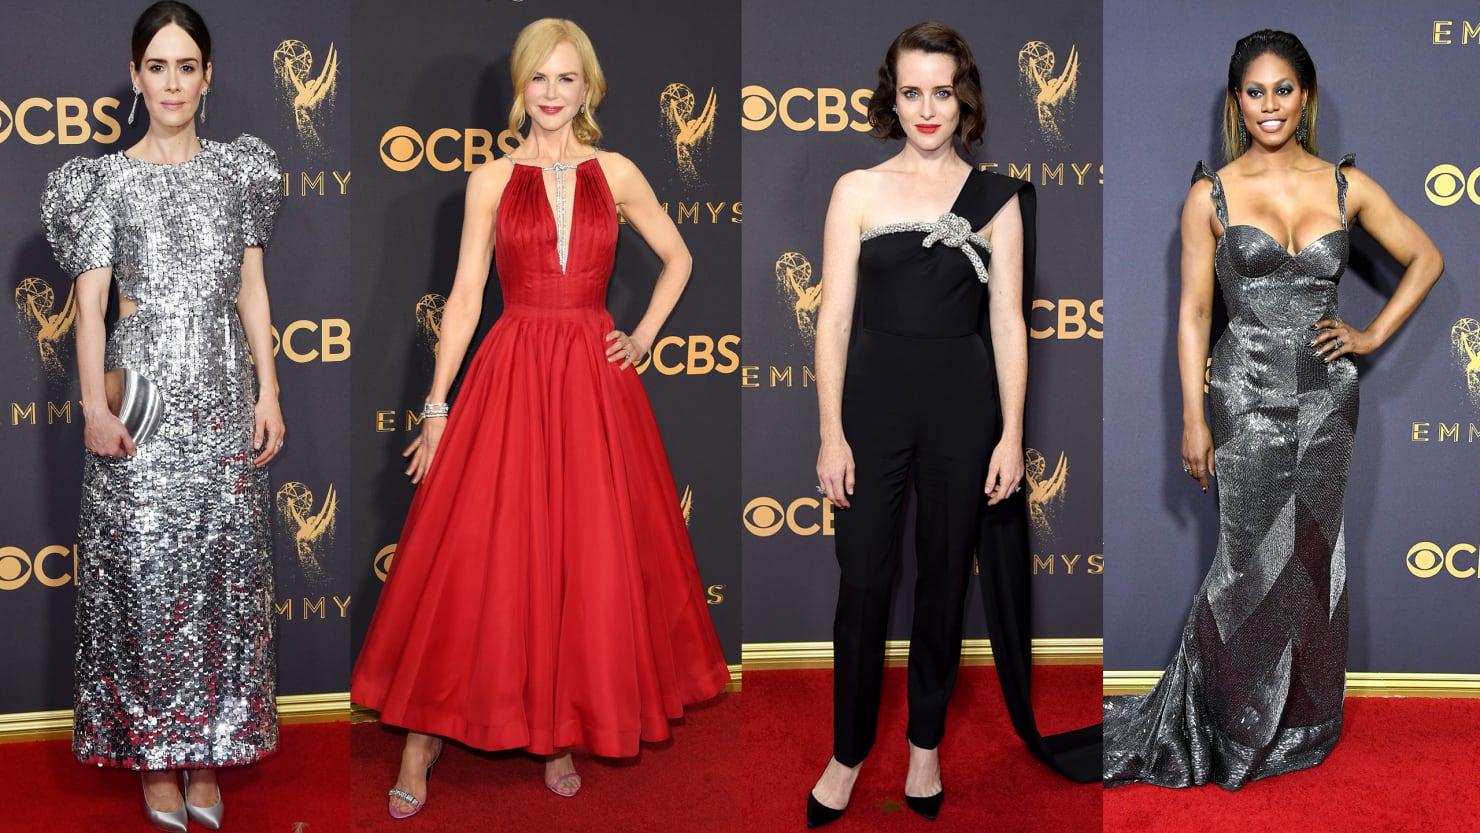 170917 teeman emmys tease rnasxz - Los mejores (y peores) looks de la Alfombra Roja de los Premios Emmy 2017